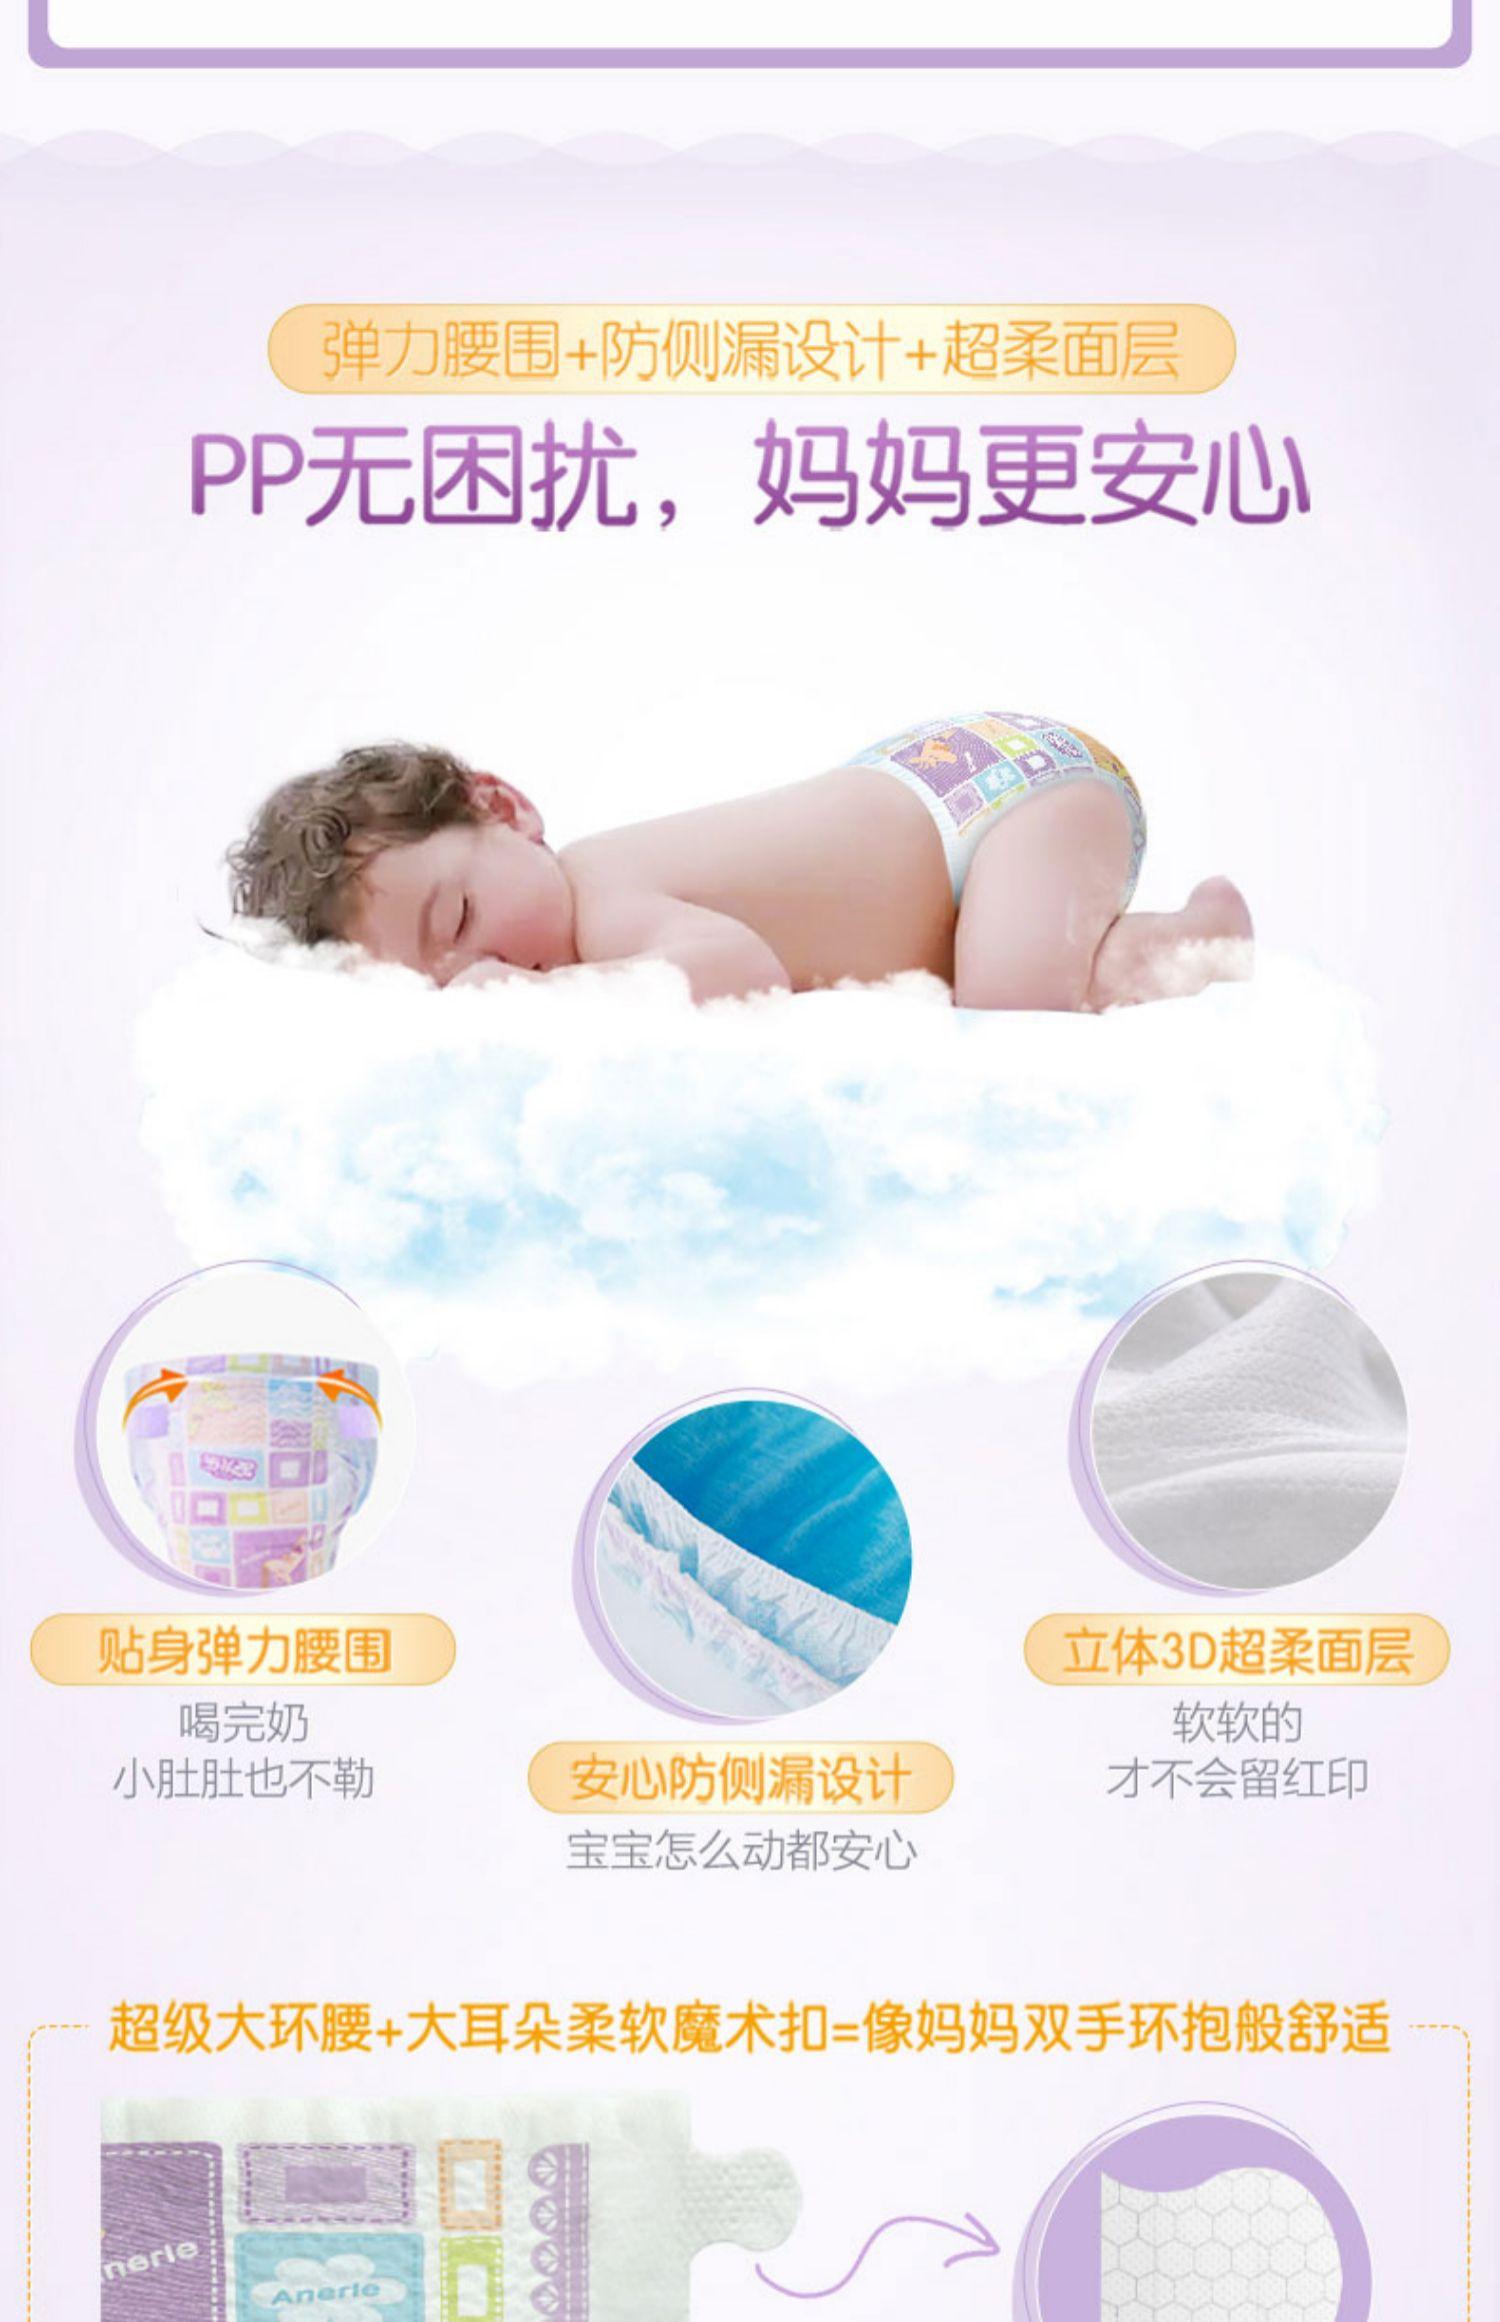 安儿乐小轻芯纸尿裤 安尔乐夏季超薄透气婴儿干爽尿不湿SM/L/XL码商品详情图